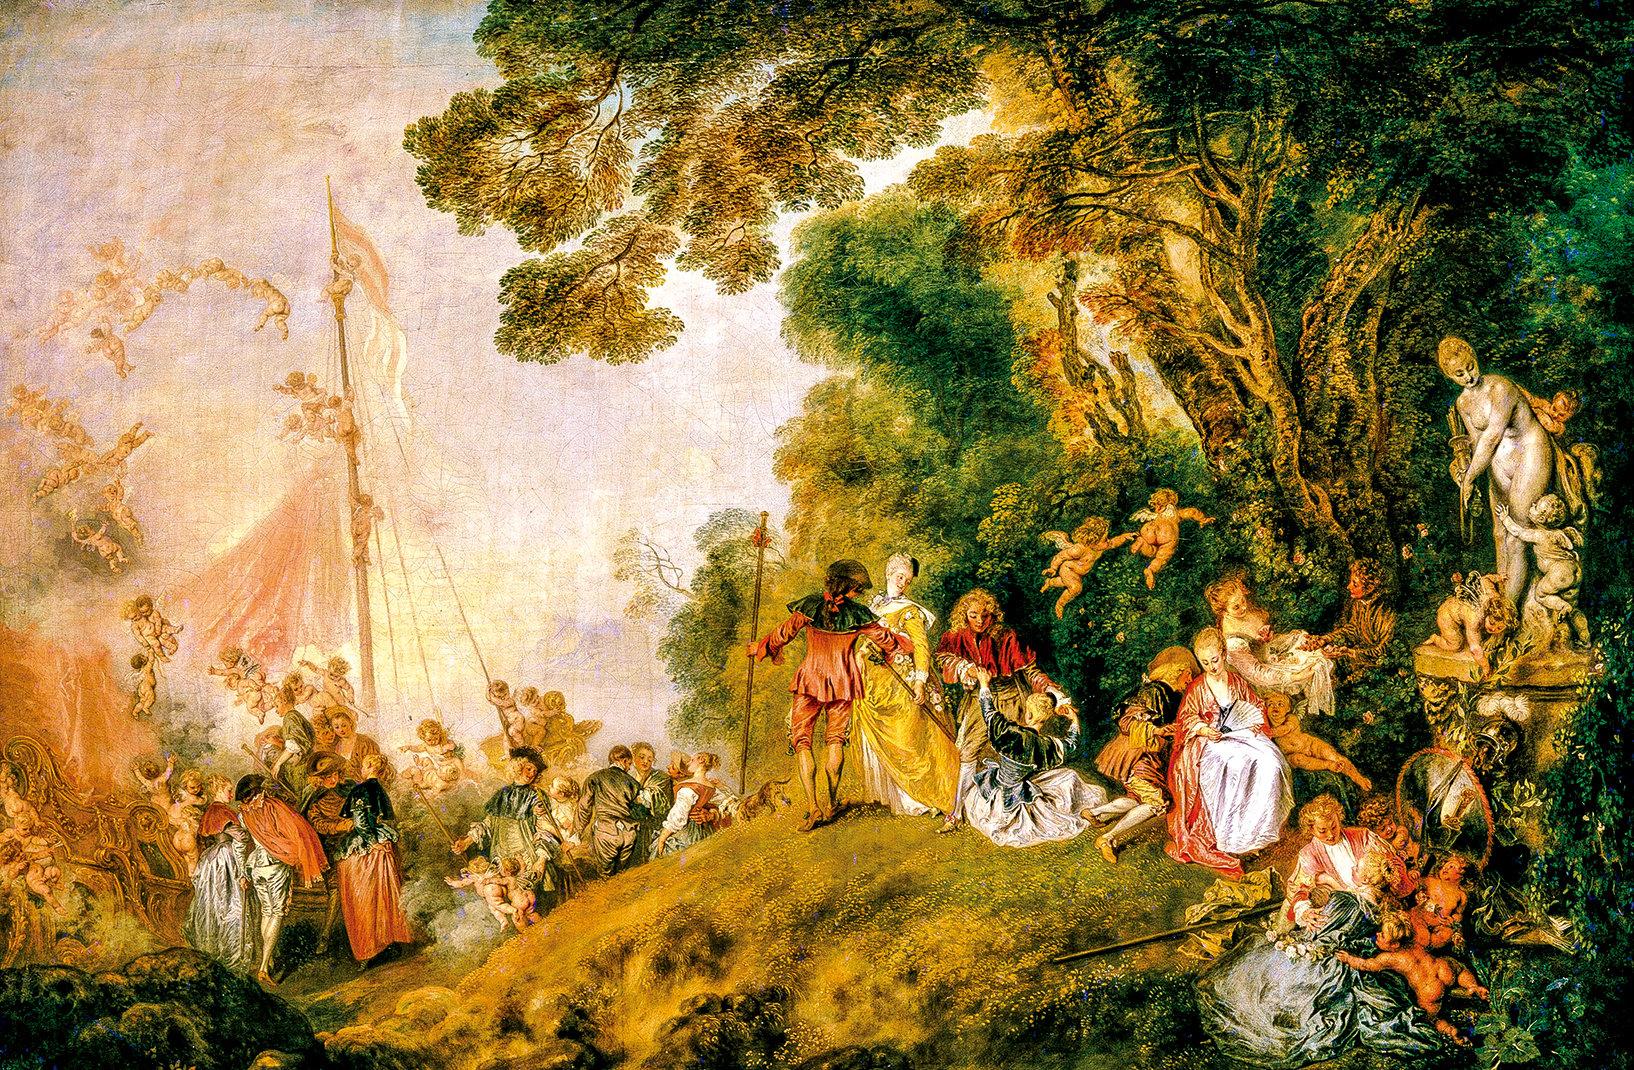 安東尼華多(Antoine Watteau)1717 年繪製的洛可可風格《在西瑟拉島上的朝聖》(Pilgrimage on the Isle of Cythera)。(公有領域)